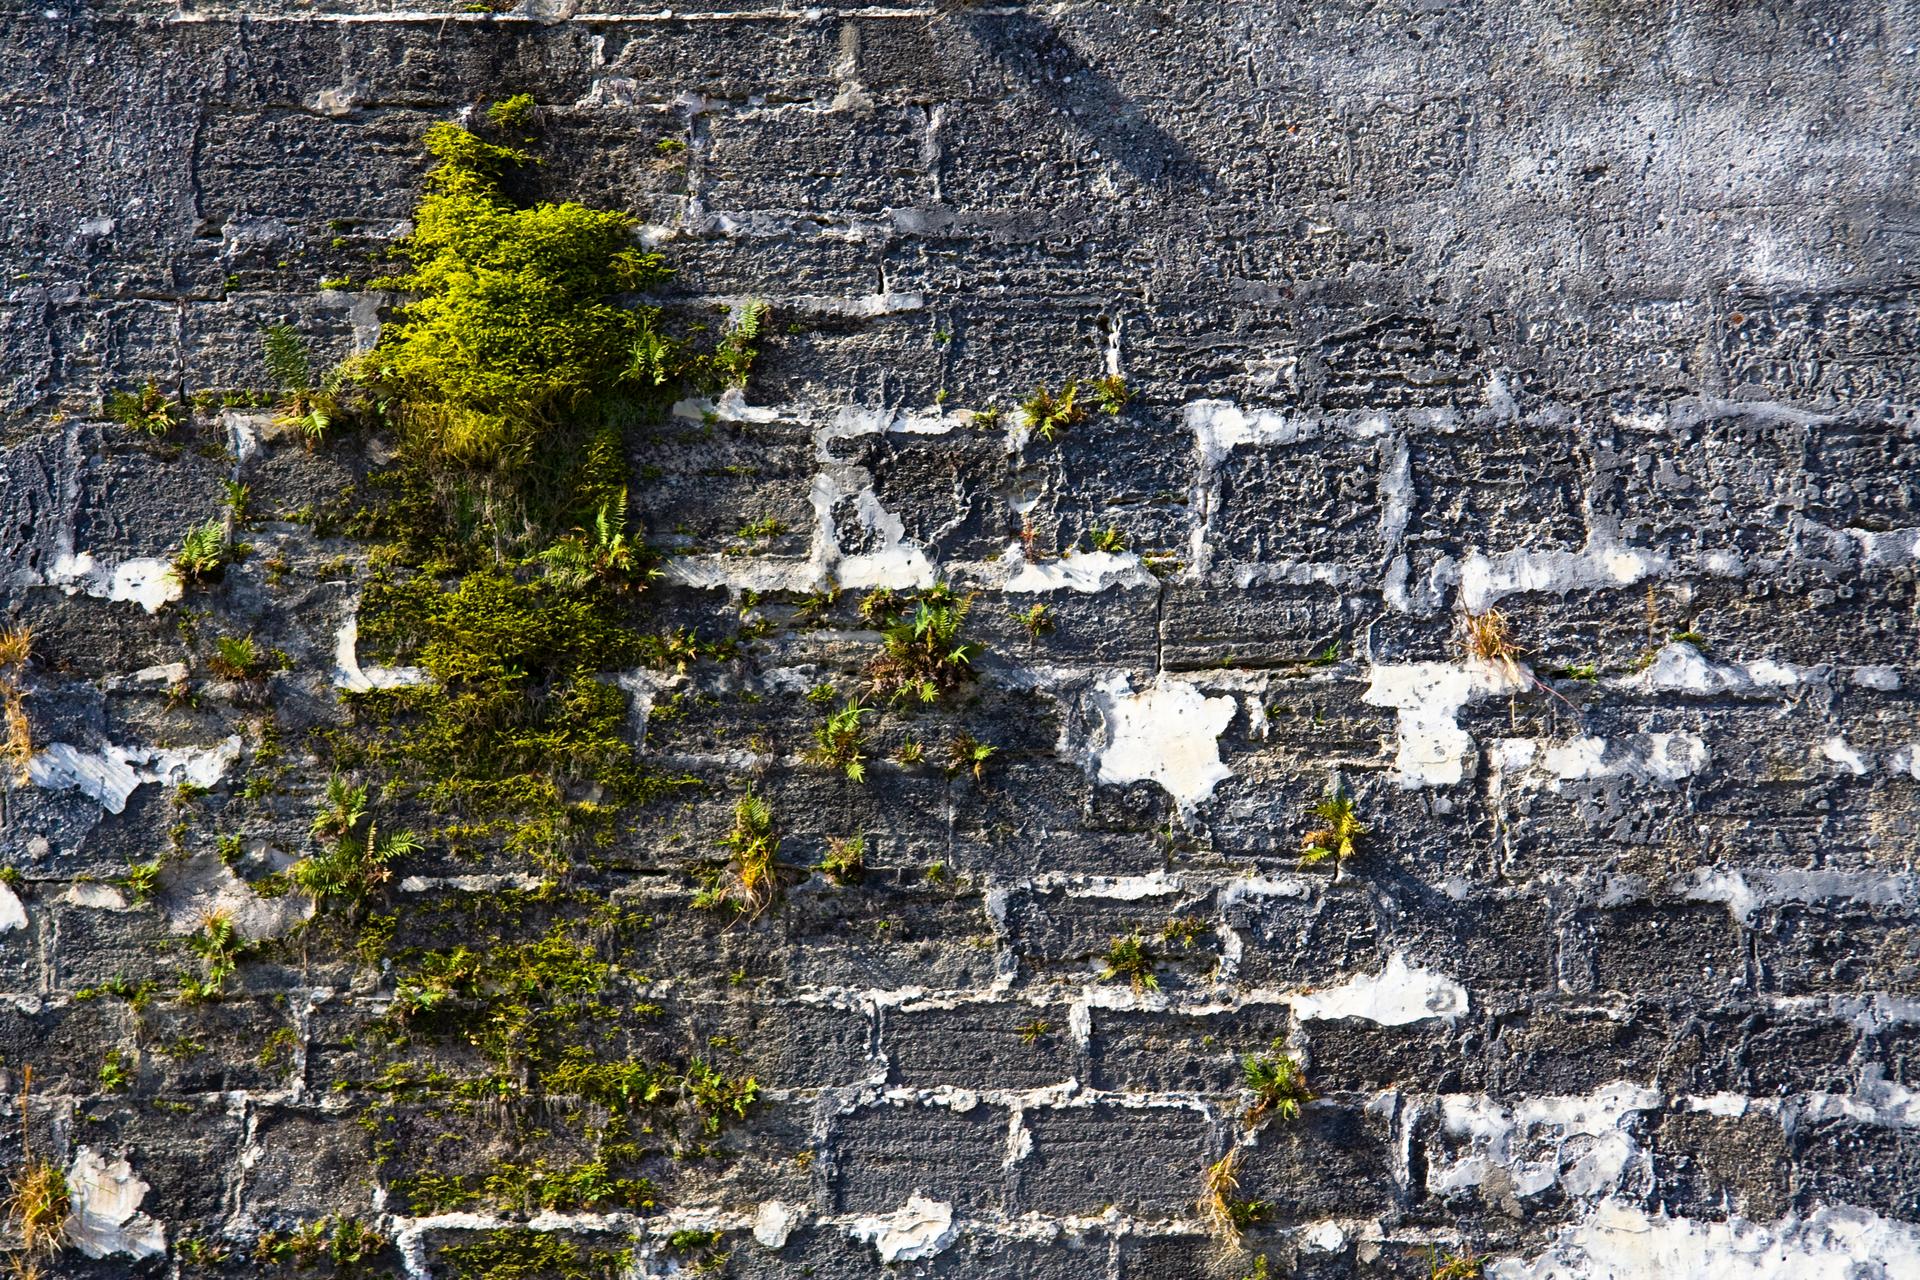 Fotografia przedstawia mur, zbudowany zszarych prostokątnych części spojonych białą zaprawą. Ze szczelin między nimi wyrastają jasno zielone kępy mchu.